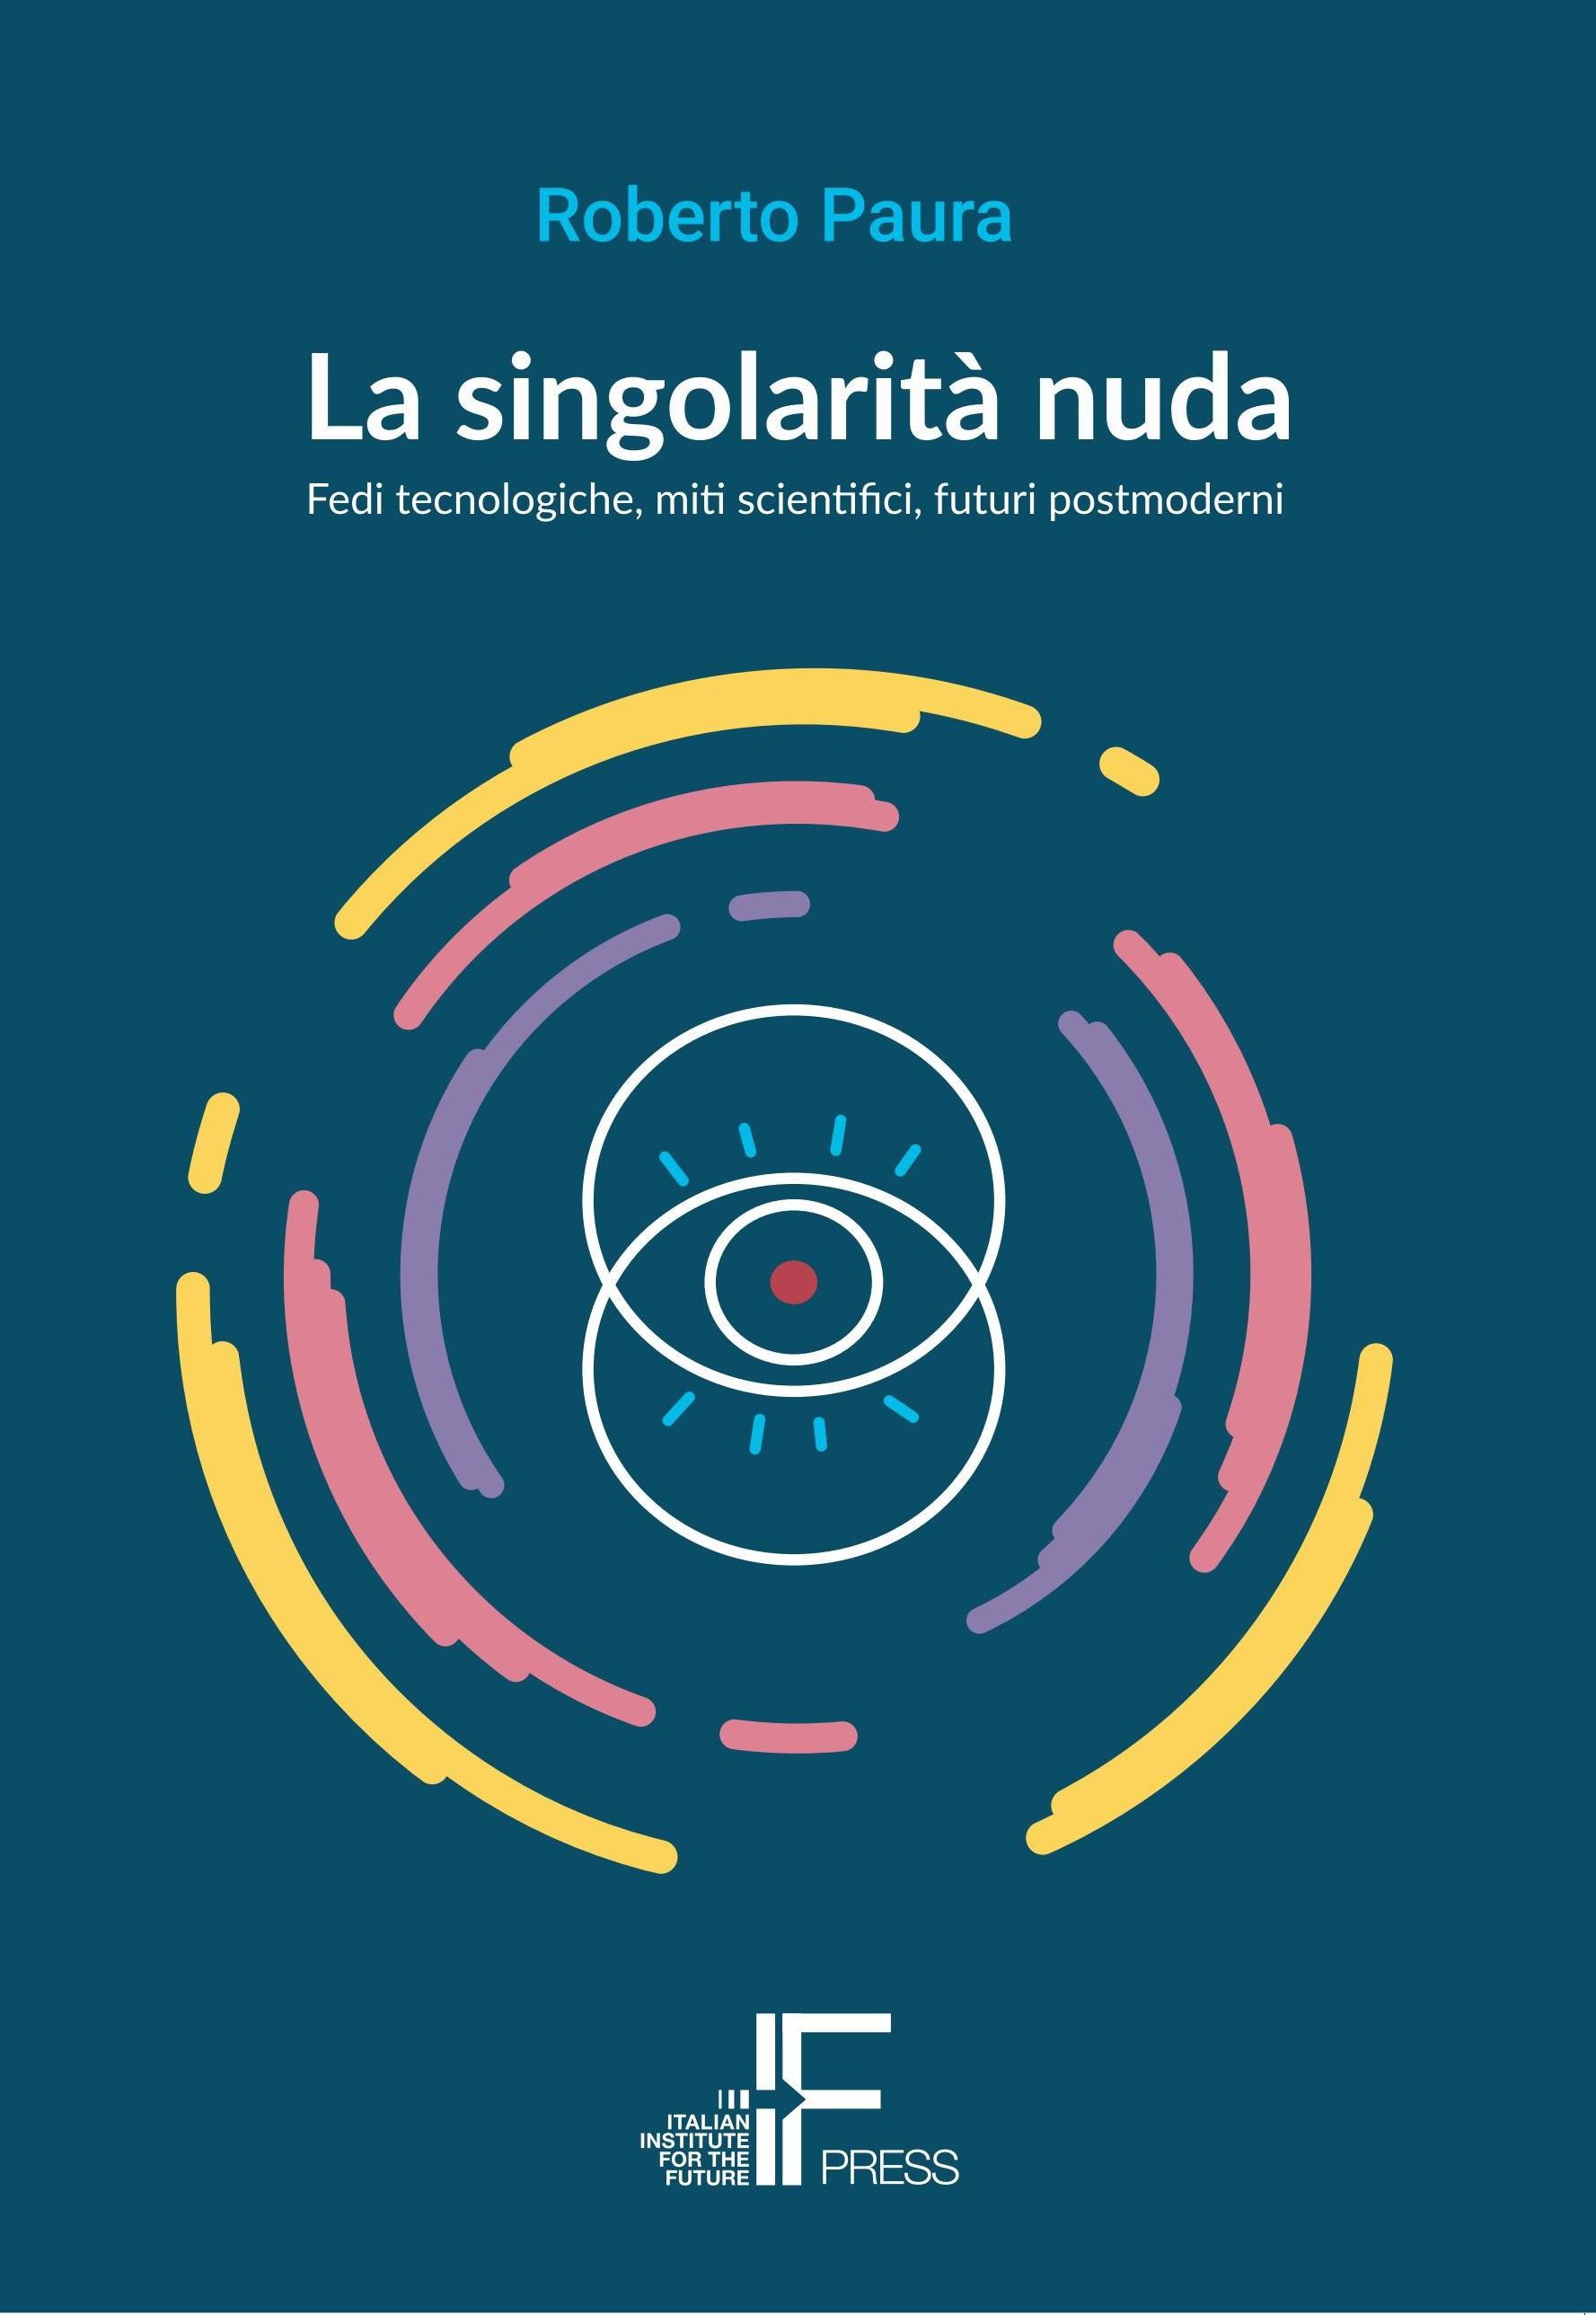 """Presentazione a Napoli di """"La singolarità nuda"""" – 19 gennaio"""